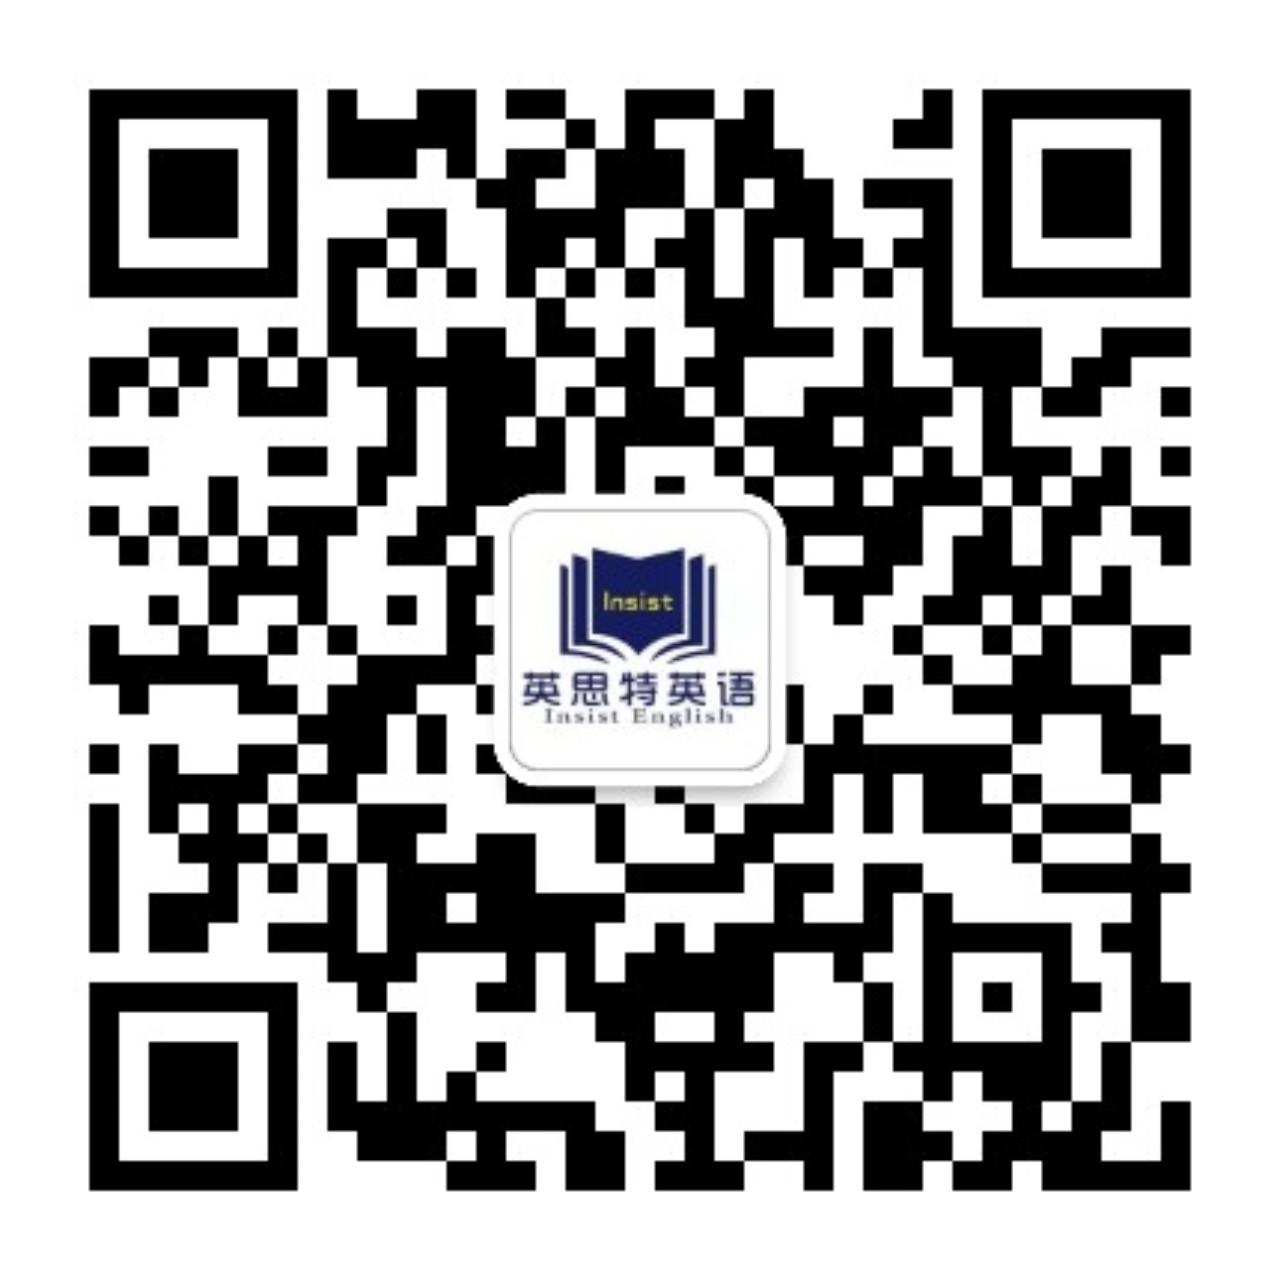 英思特国际英语教